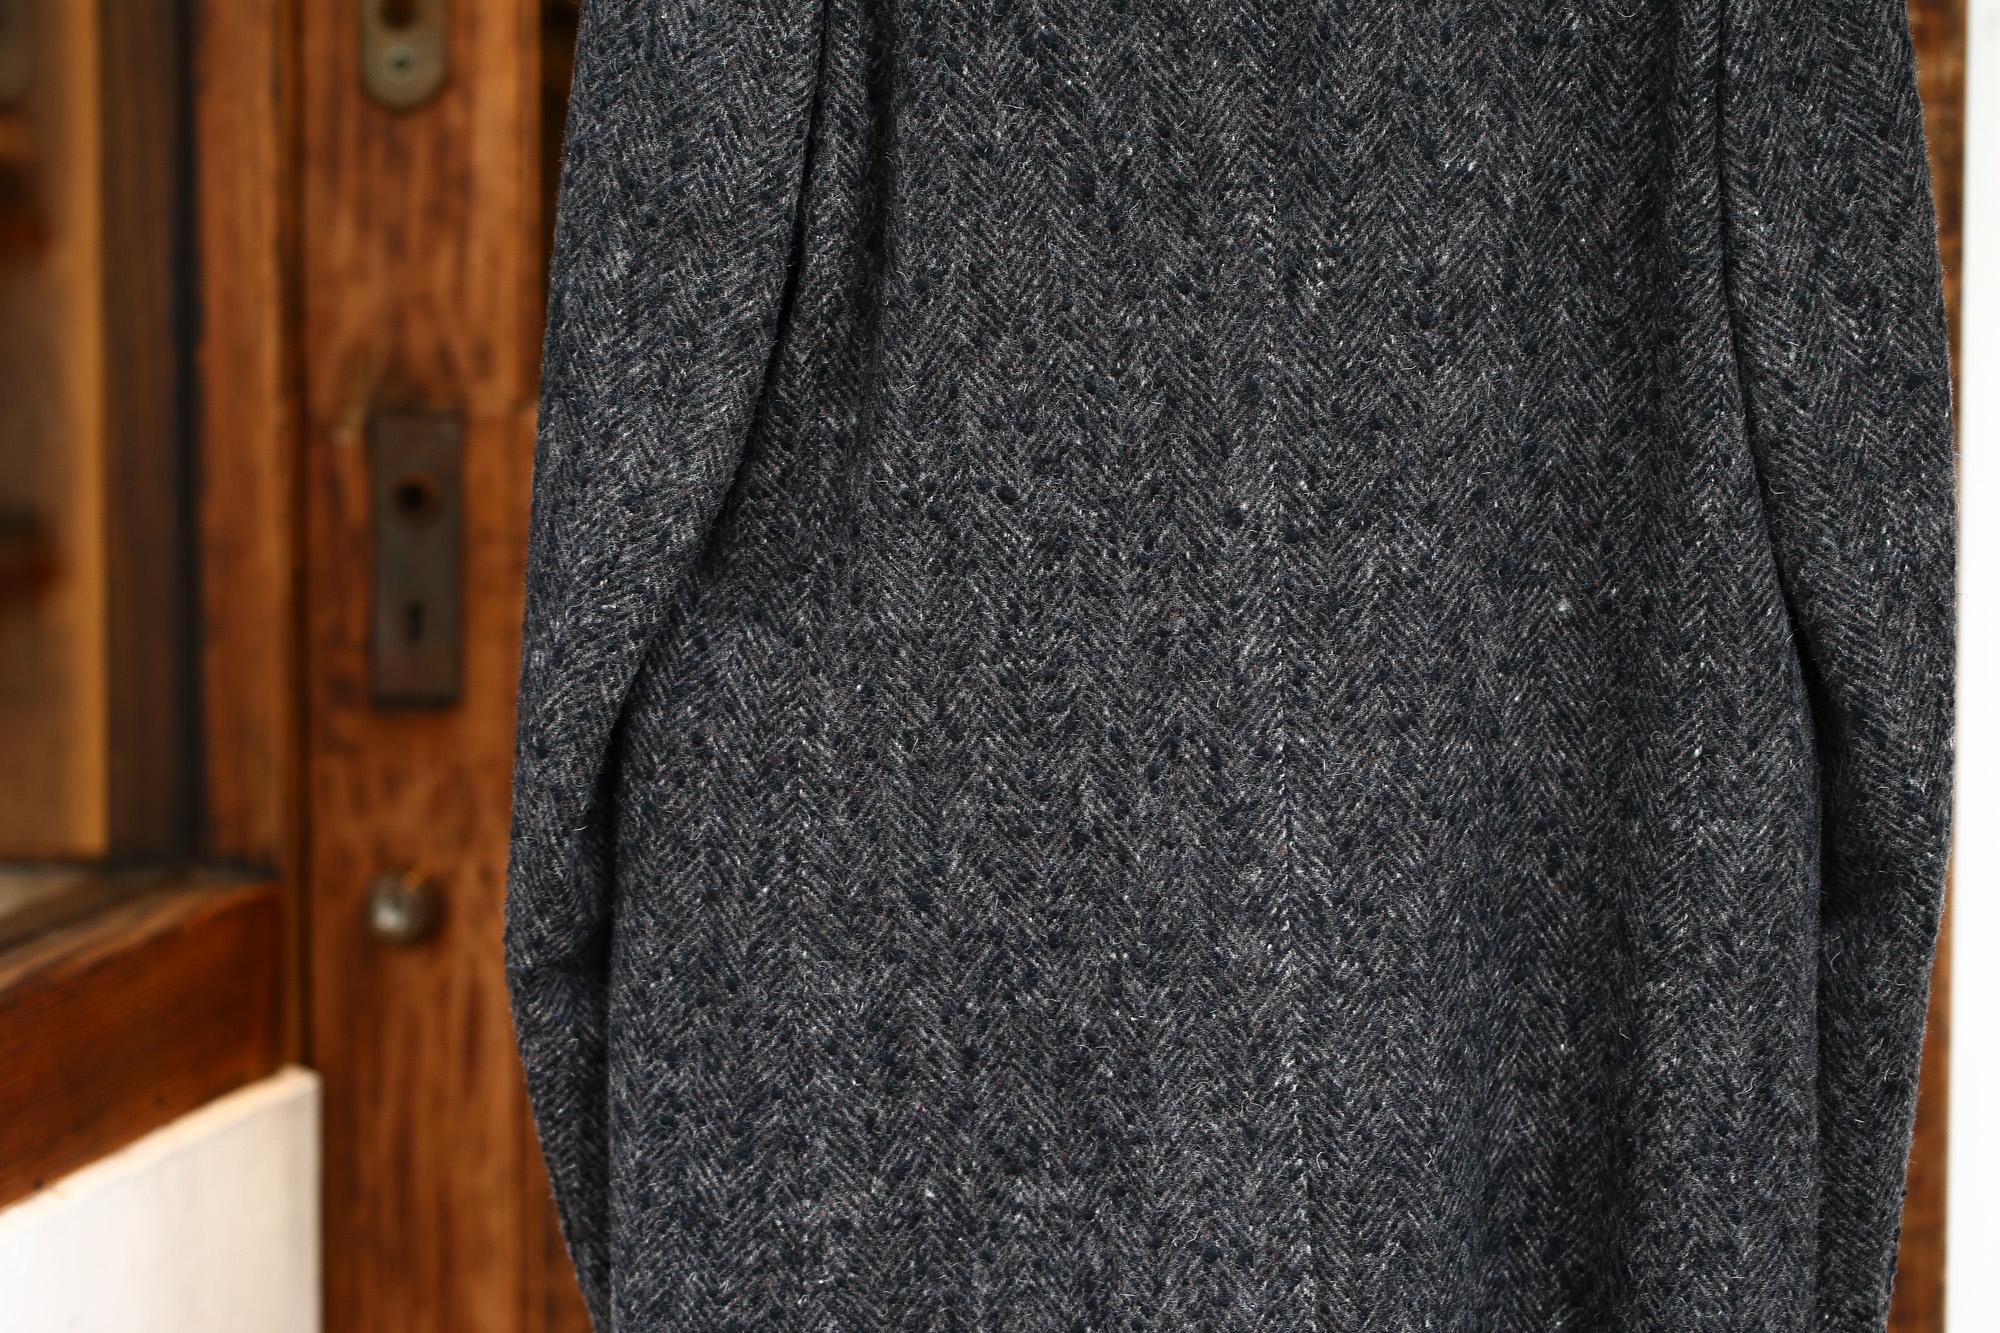 BOGLIOLI MILANO (ボリオリ ミラノ) CHESTER COURT (チェスターコート) ヘリンボーン ウール ツイード コート CHARCOAL (チャコール・09) Made in italy (イタリア製) 2017 秋冬新作 boglioli ボリオリ chestercourt 愛知 名古屋 ZODIAC ゾディアック